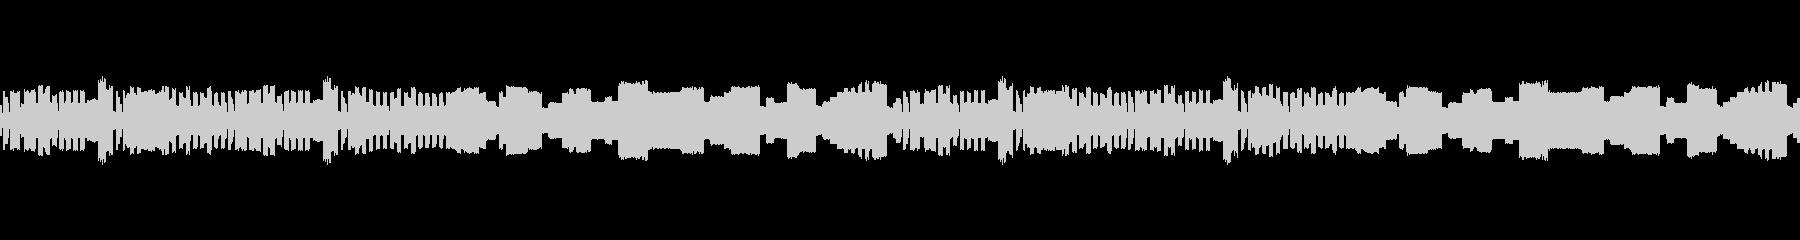 元気なピコピコ音のゲーム音楽の未再生の波形